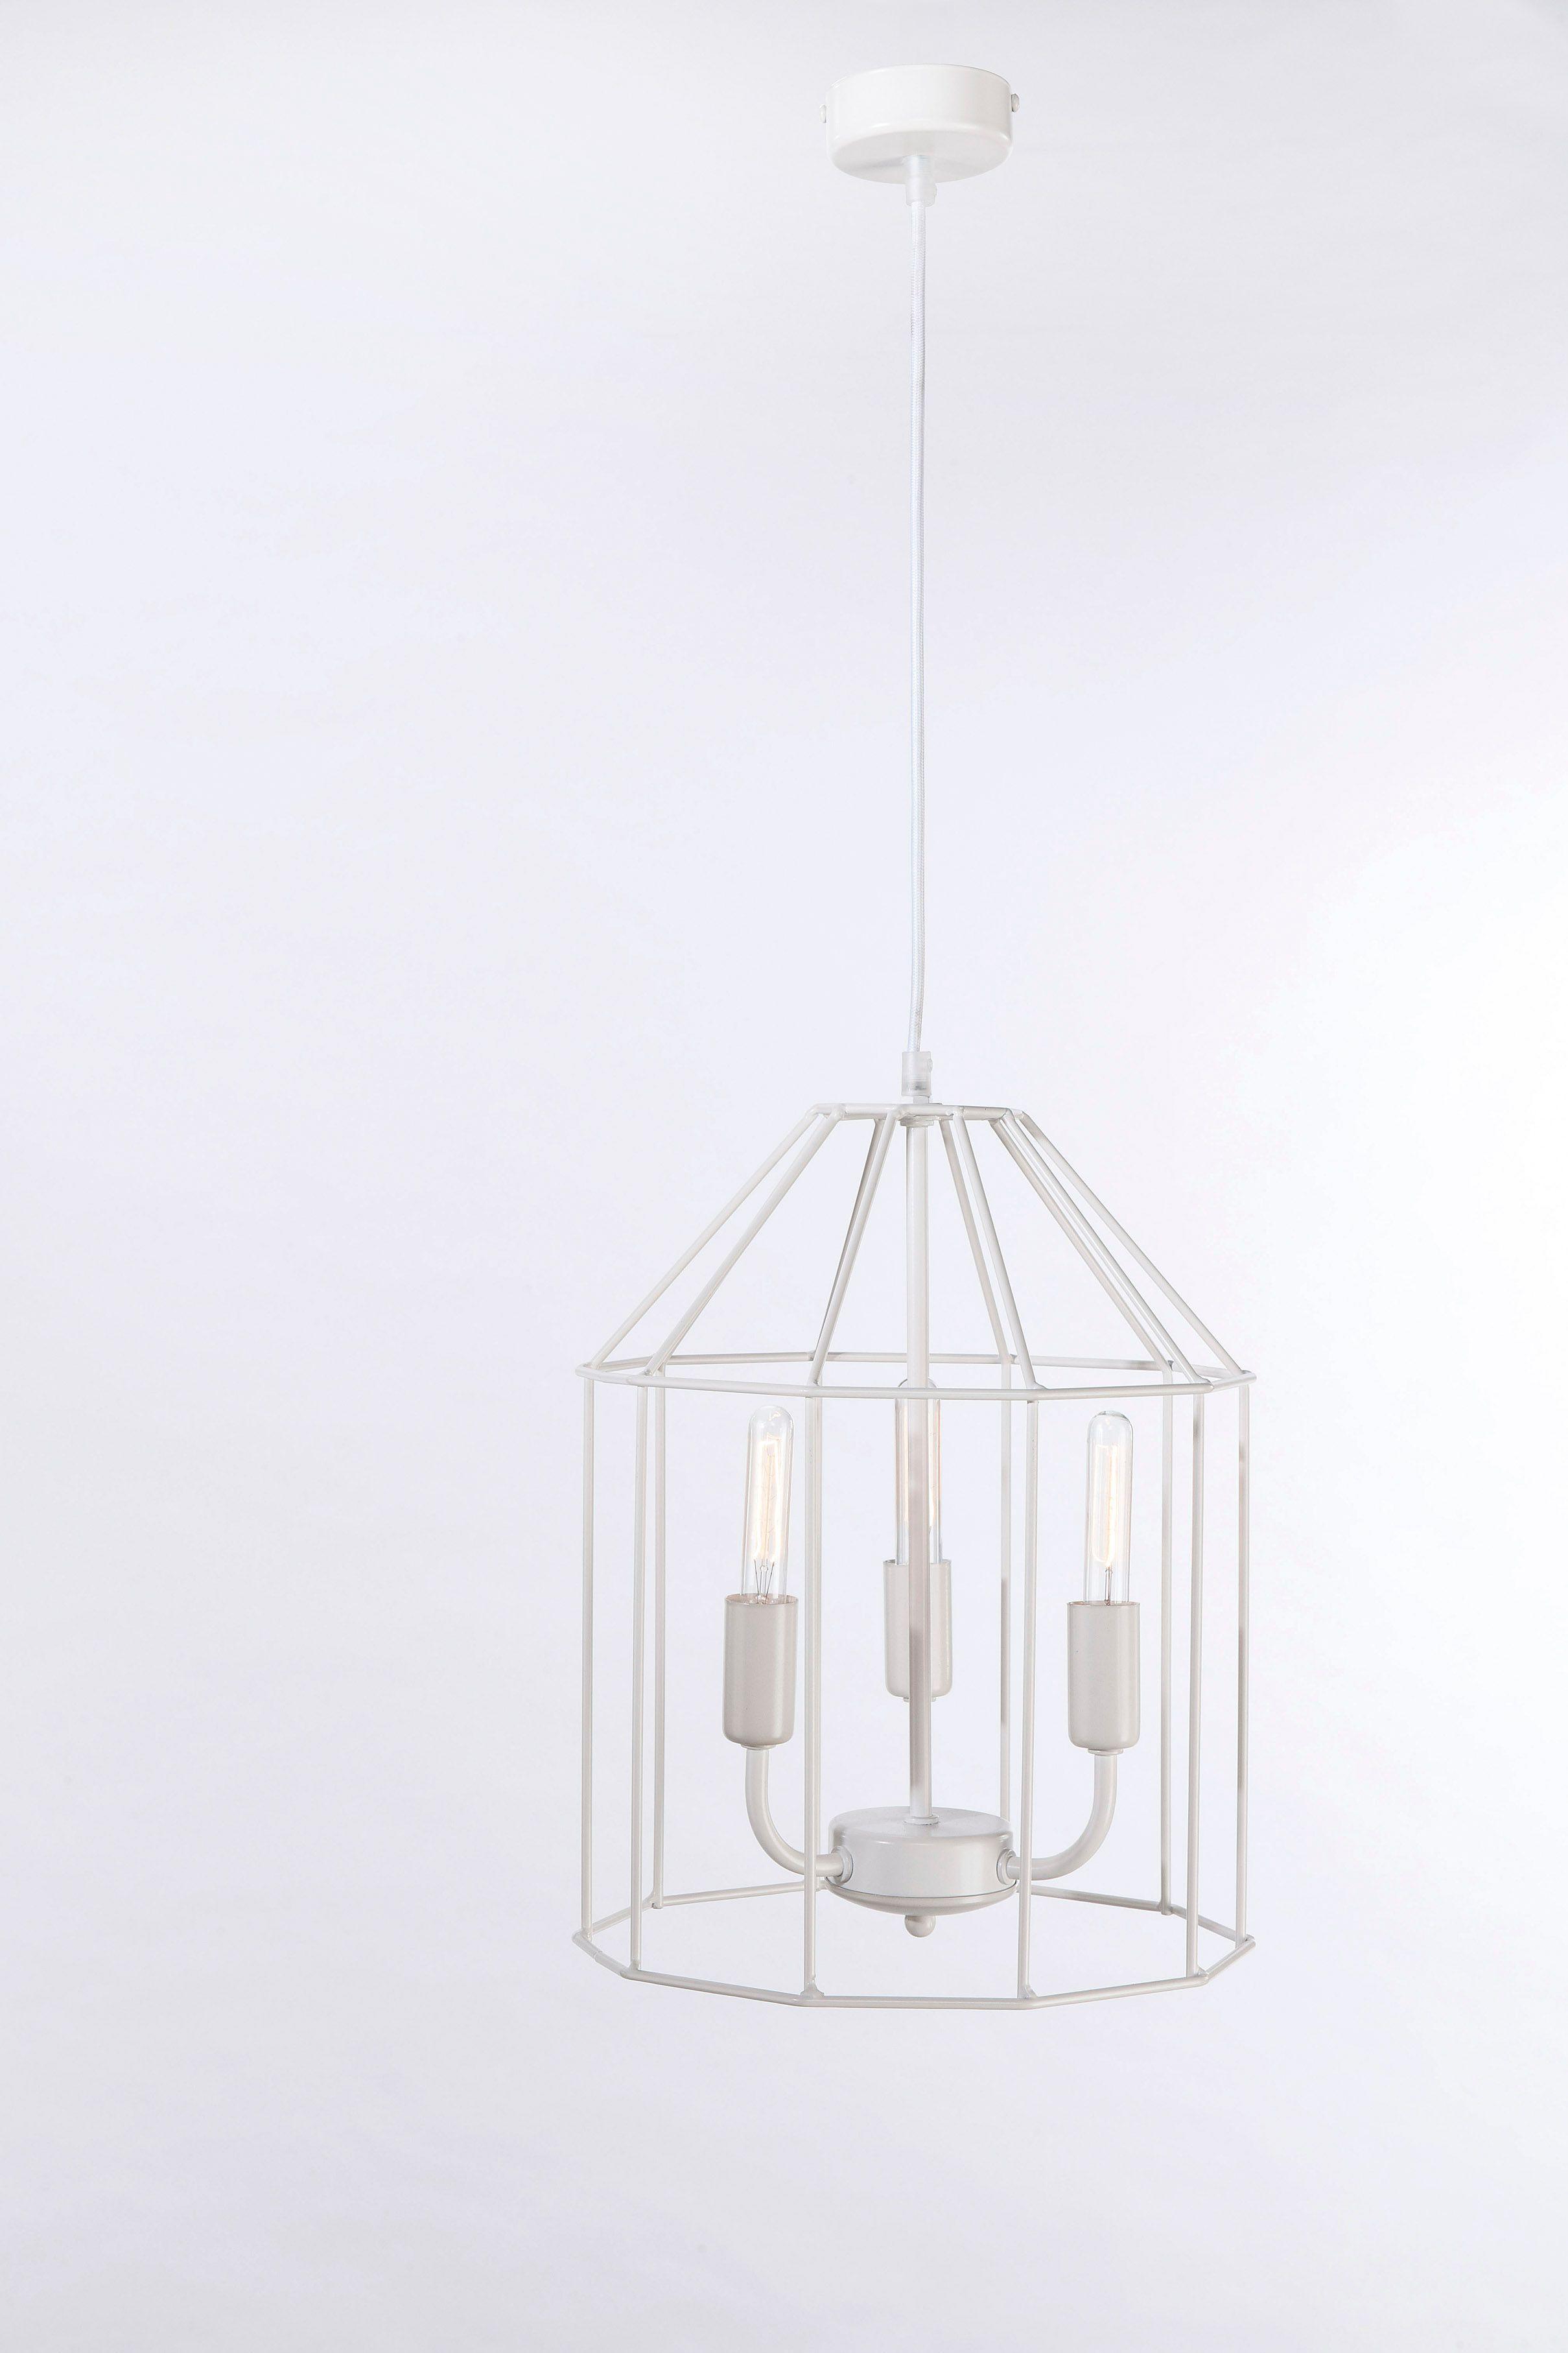 Lampa wisząca aniwa nr namat design in oŚwietlenie